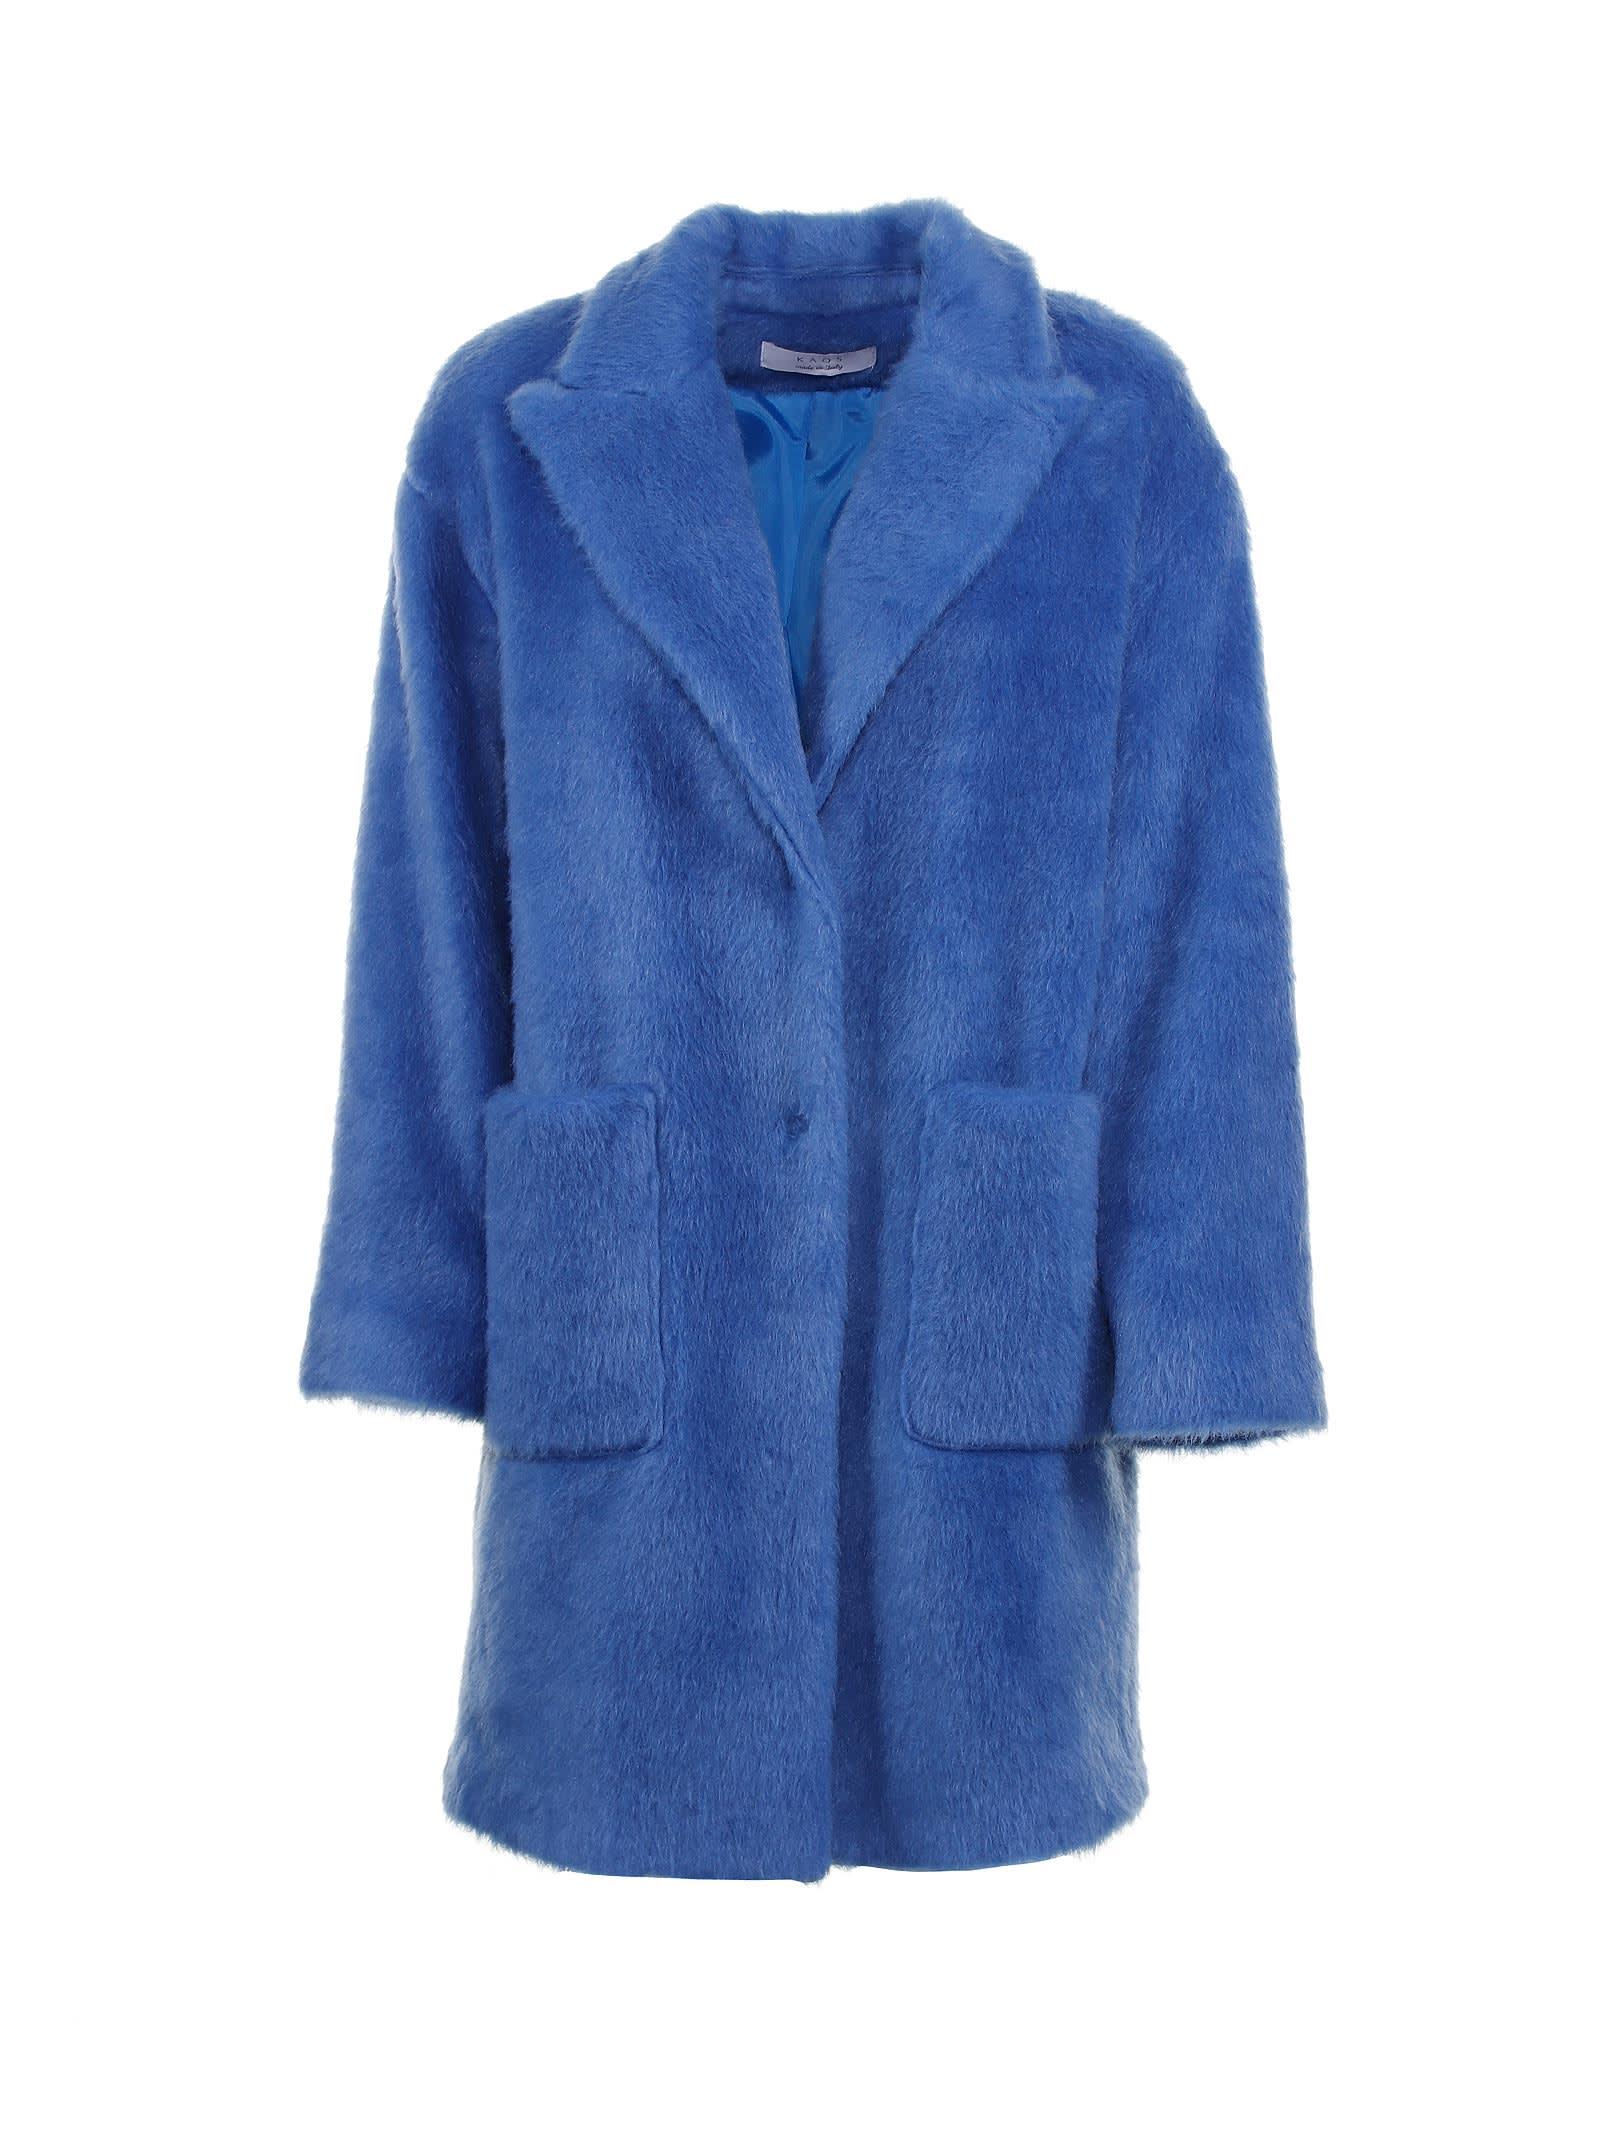 Bluette Wool Coat